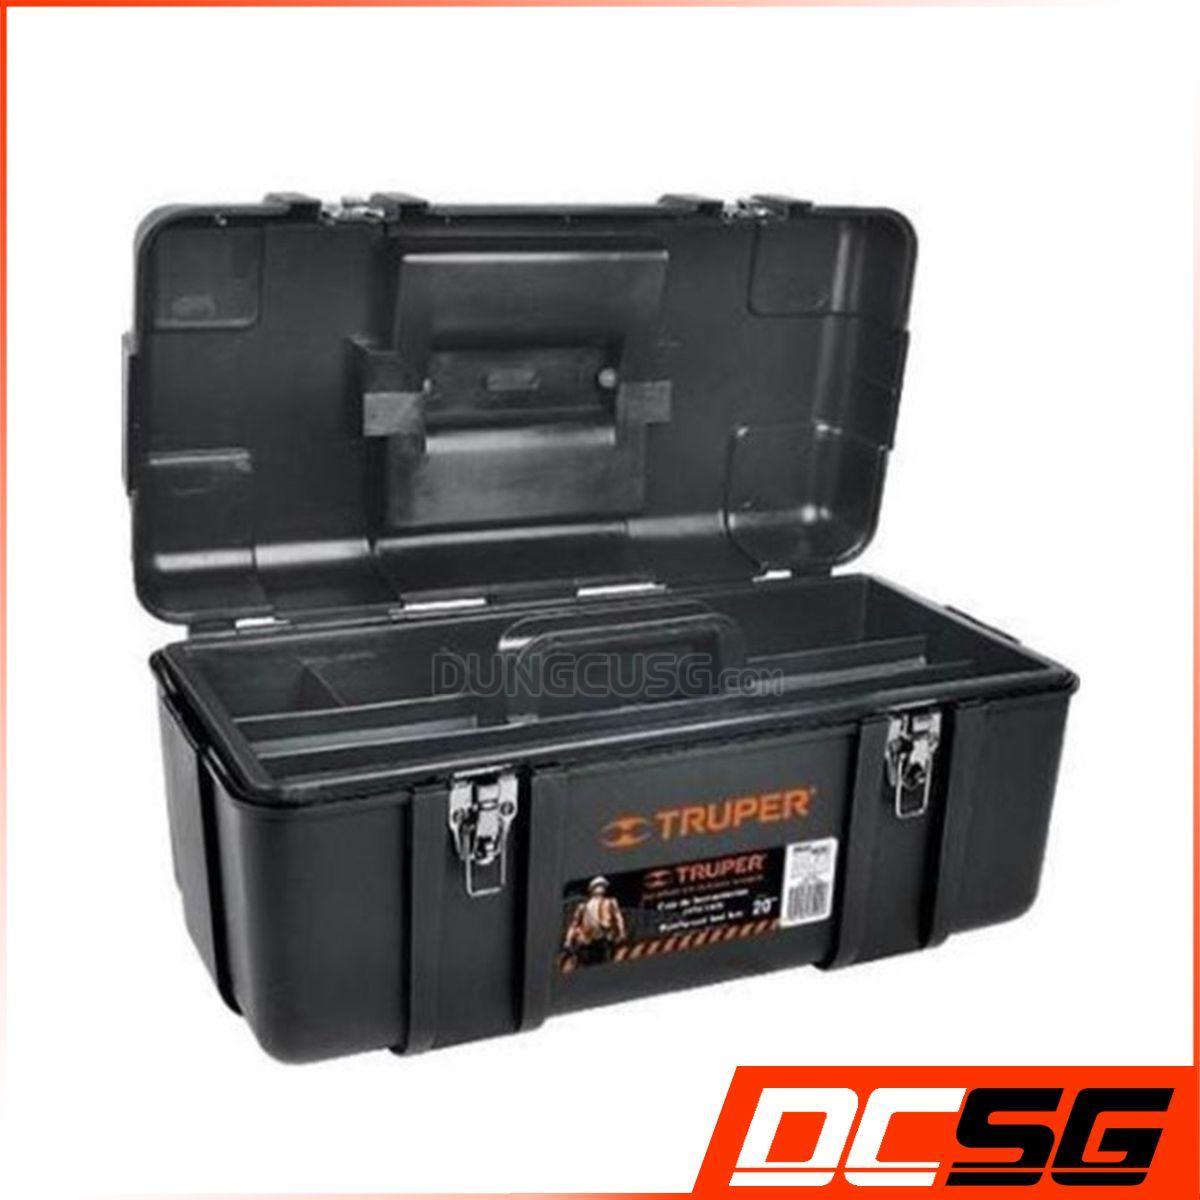 Thùng đựng đồ nghề 20 inch Truper 10380 [DCSG]